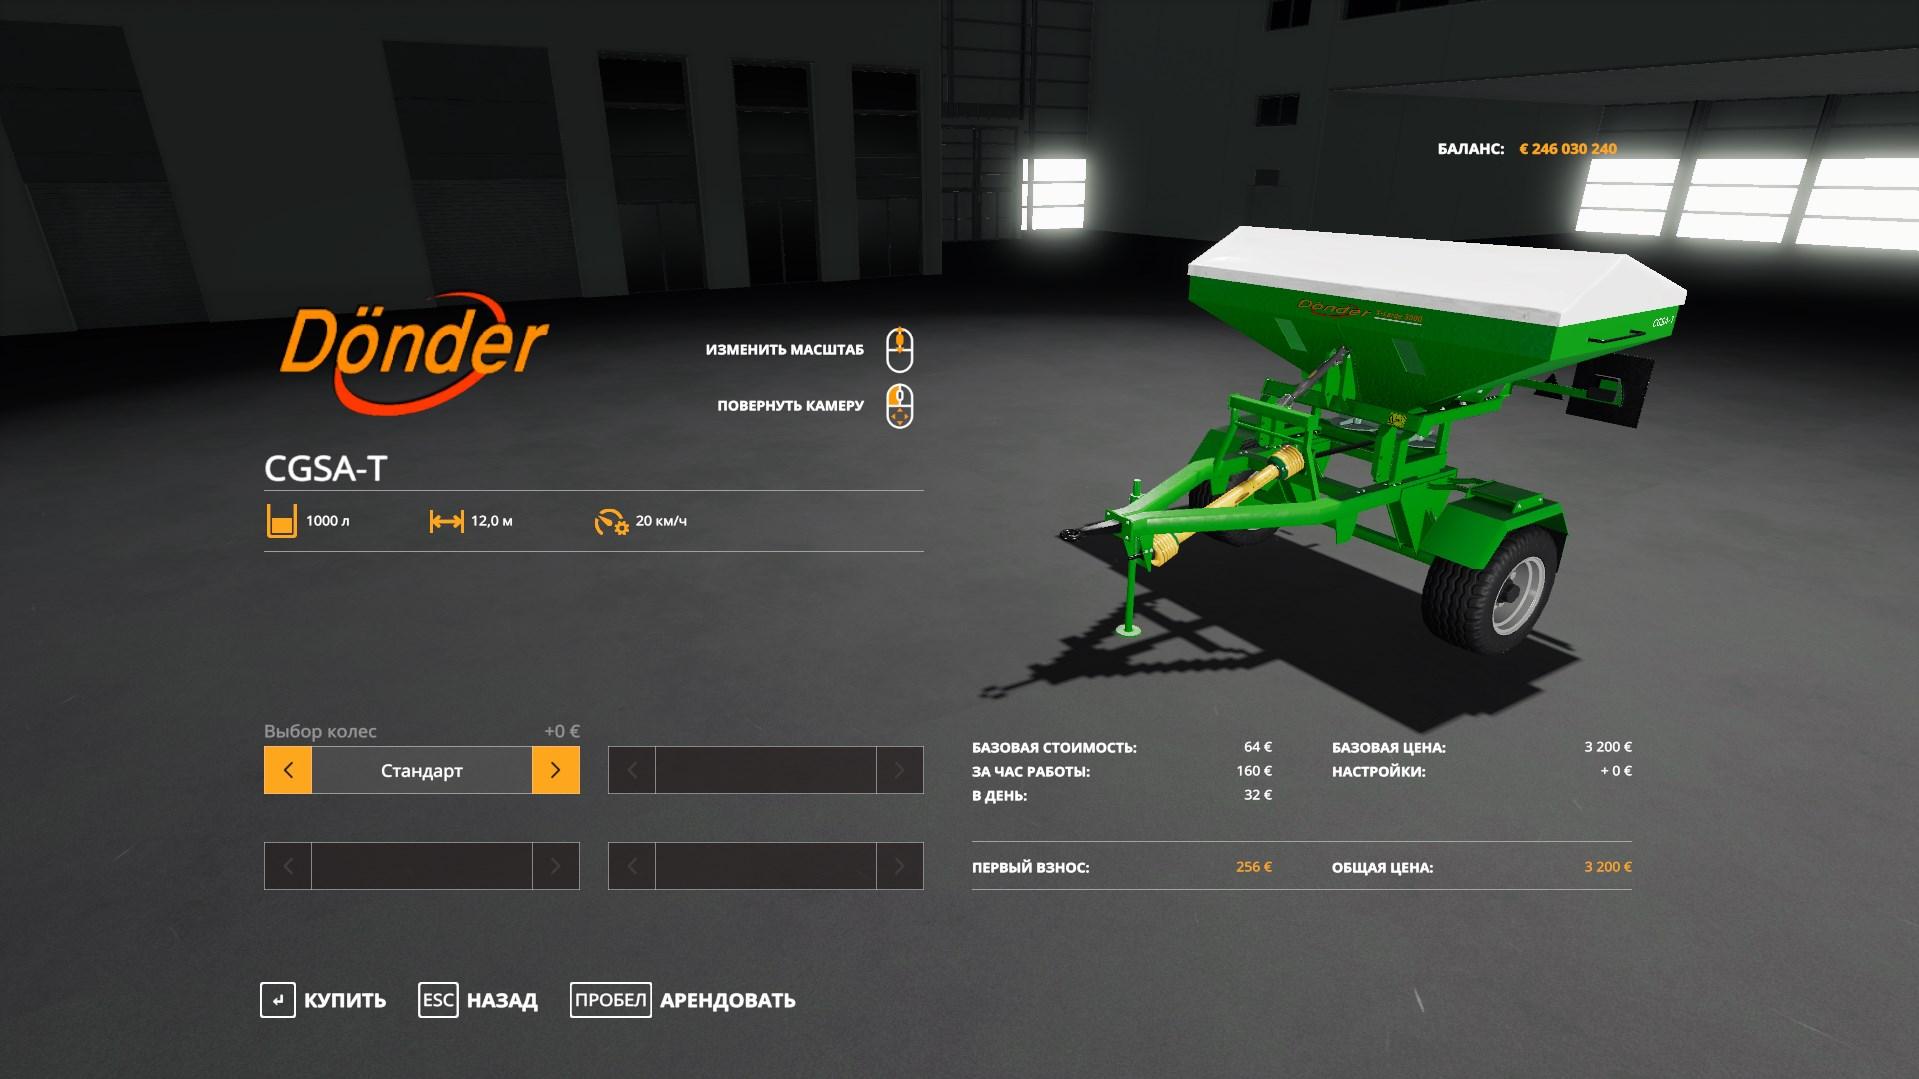 DONDER CGSA-T V1.2 для Farming Simulator 2019